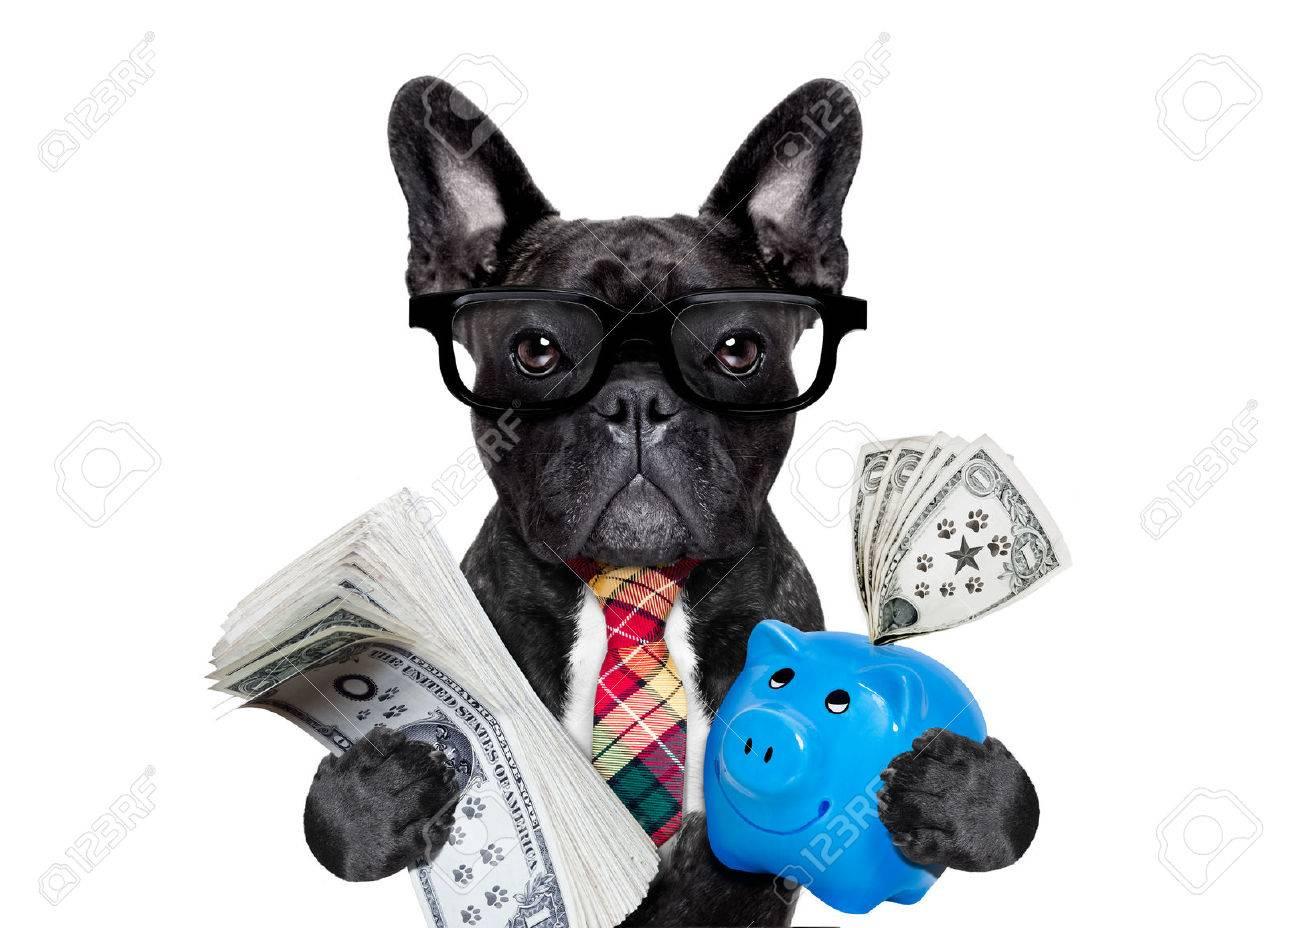 Contador ricos del jefe francés ahorro de dólares y el dinero con la hucha o hucha con gafas y corbata, aislado sobre fondo blanco bulldog